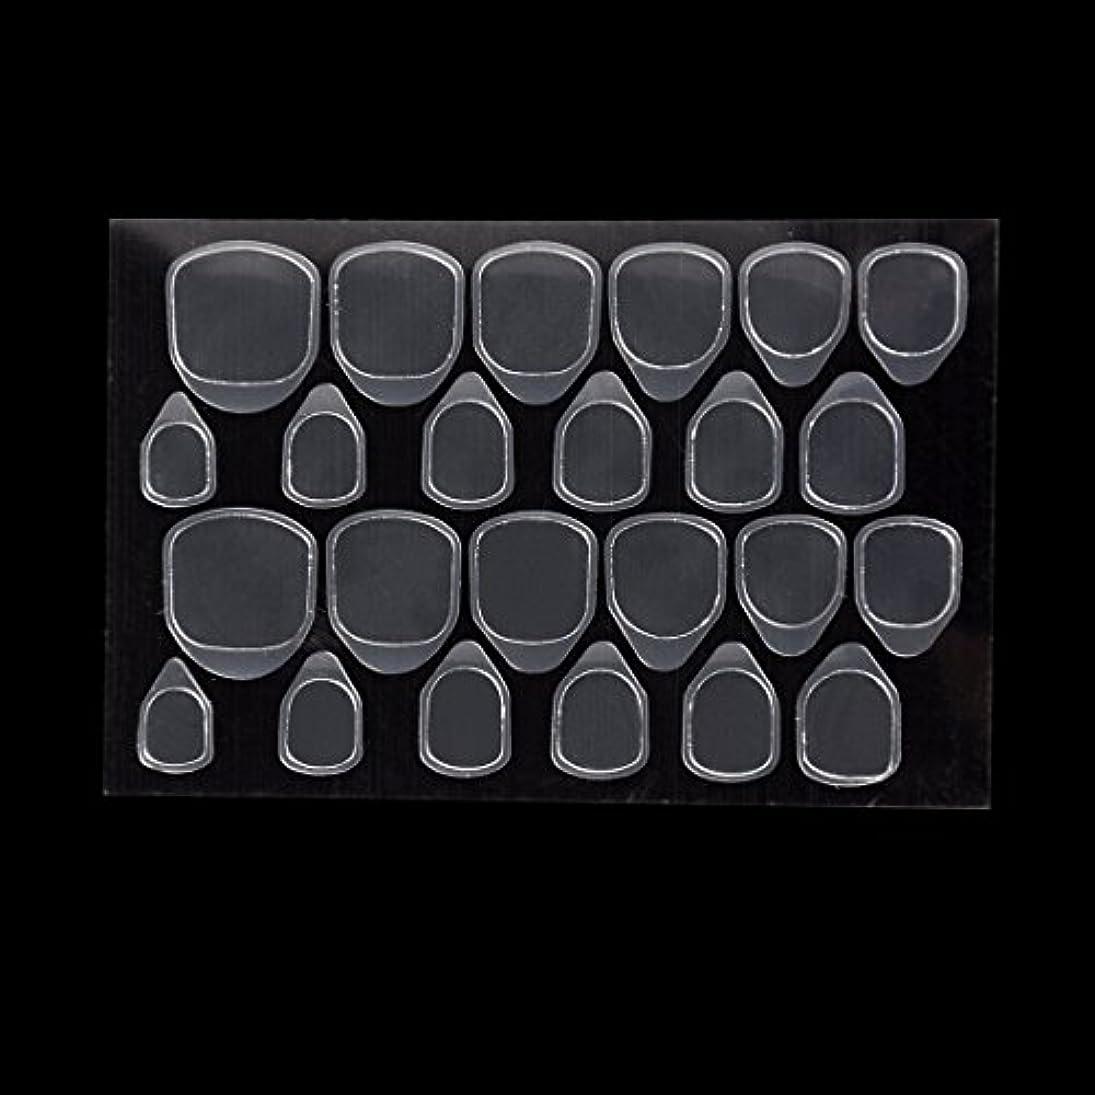 授業料麻酔薬伝統Biutee つけ爪用 両面テープ ネイル 推奨超強力両面テープ ネイル両面接着剤 ネイルチップ用粘着グミ 10枚セット